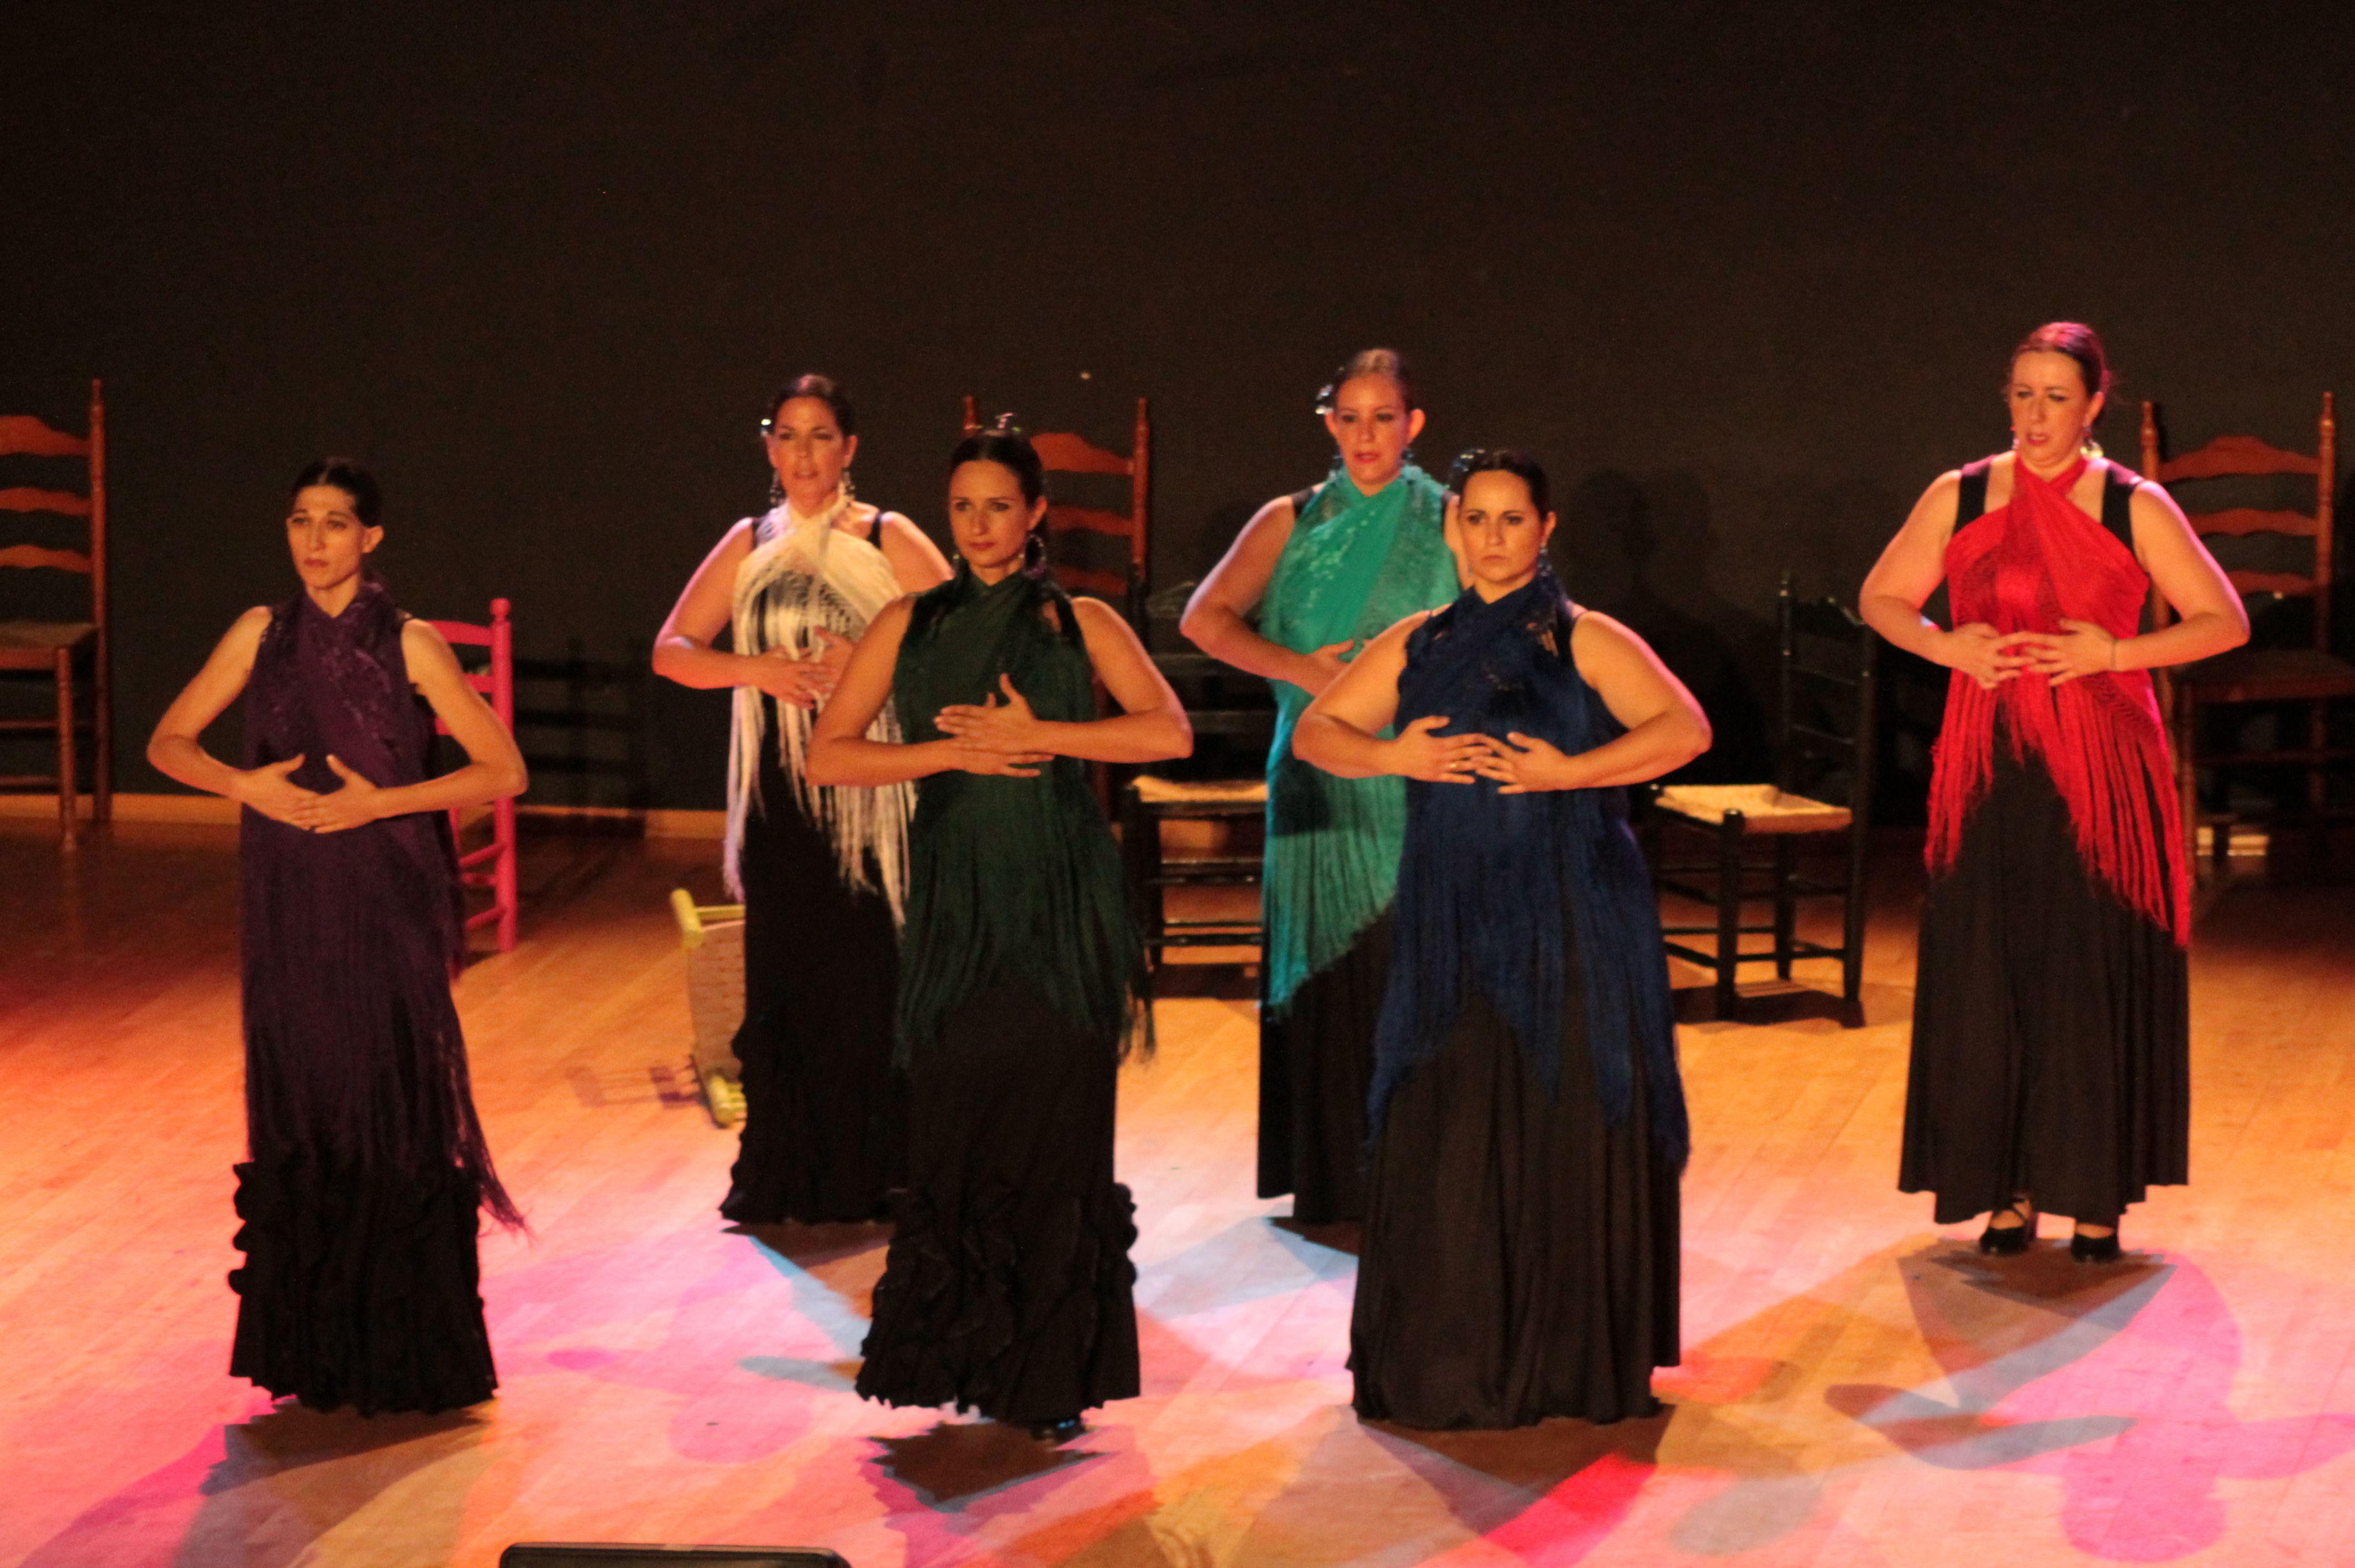 Foto 37 de Escuelas de música, danza e interpretación en Alcalá de Henares | Escuela de Danza Pepe Vento